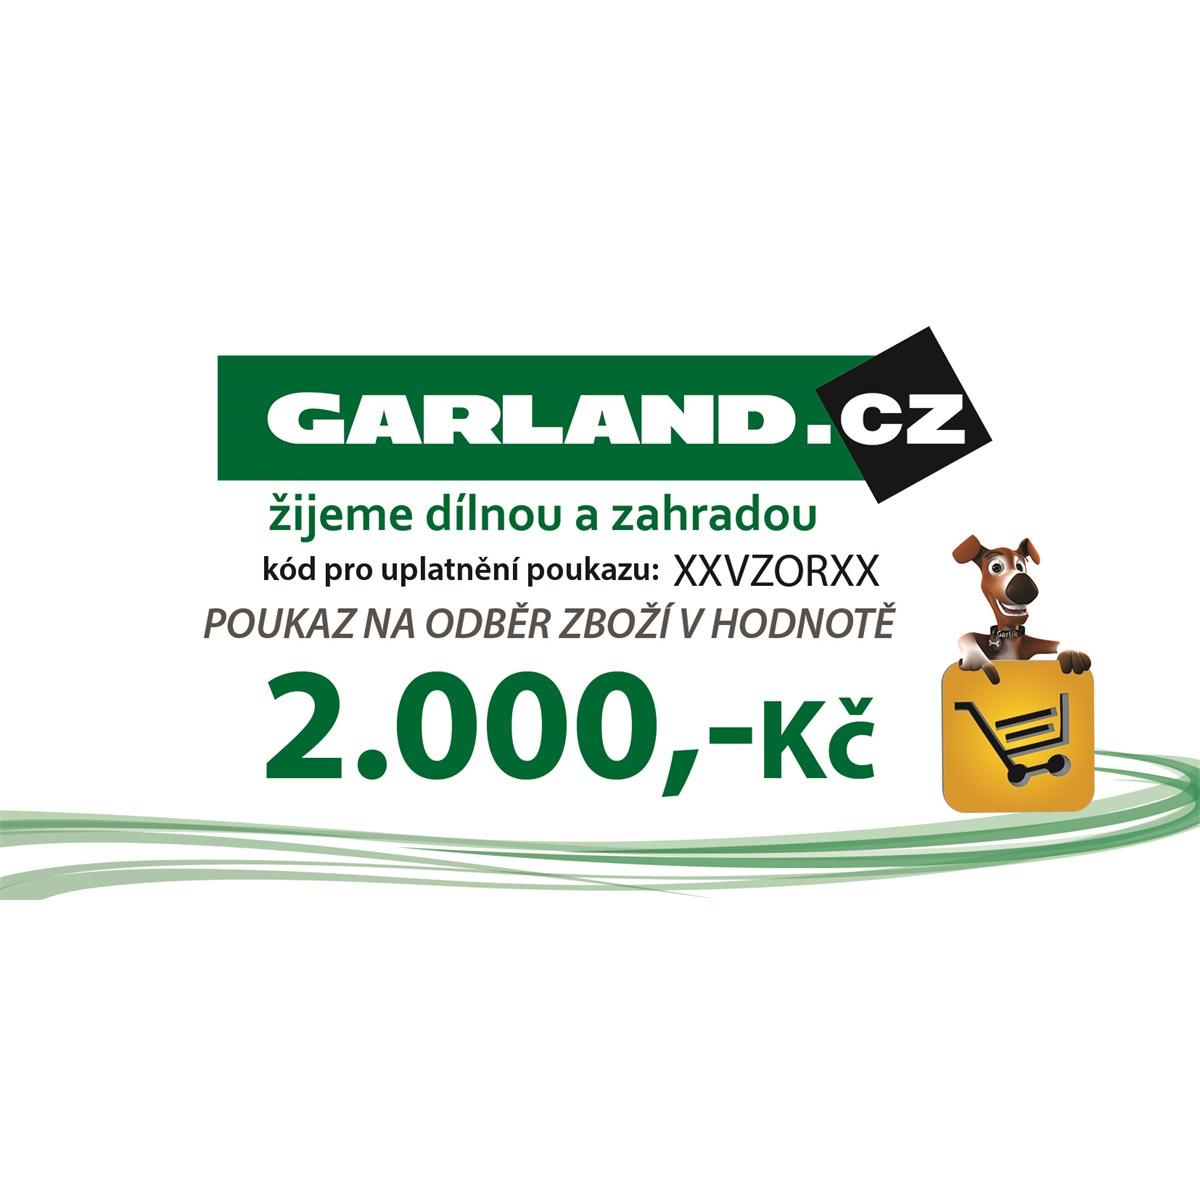 Dárkový poukaz GARLAND.cz 2000 Kč